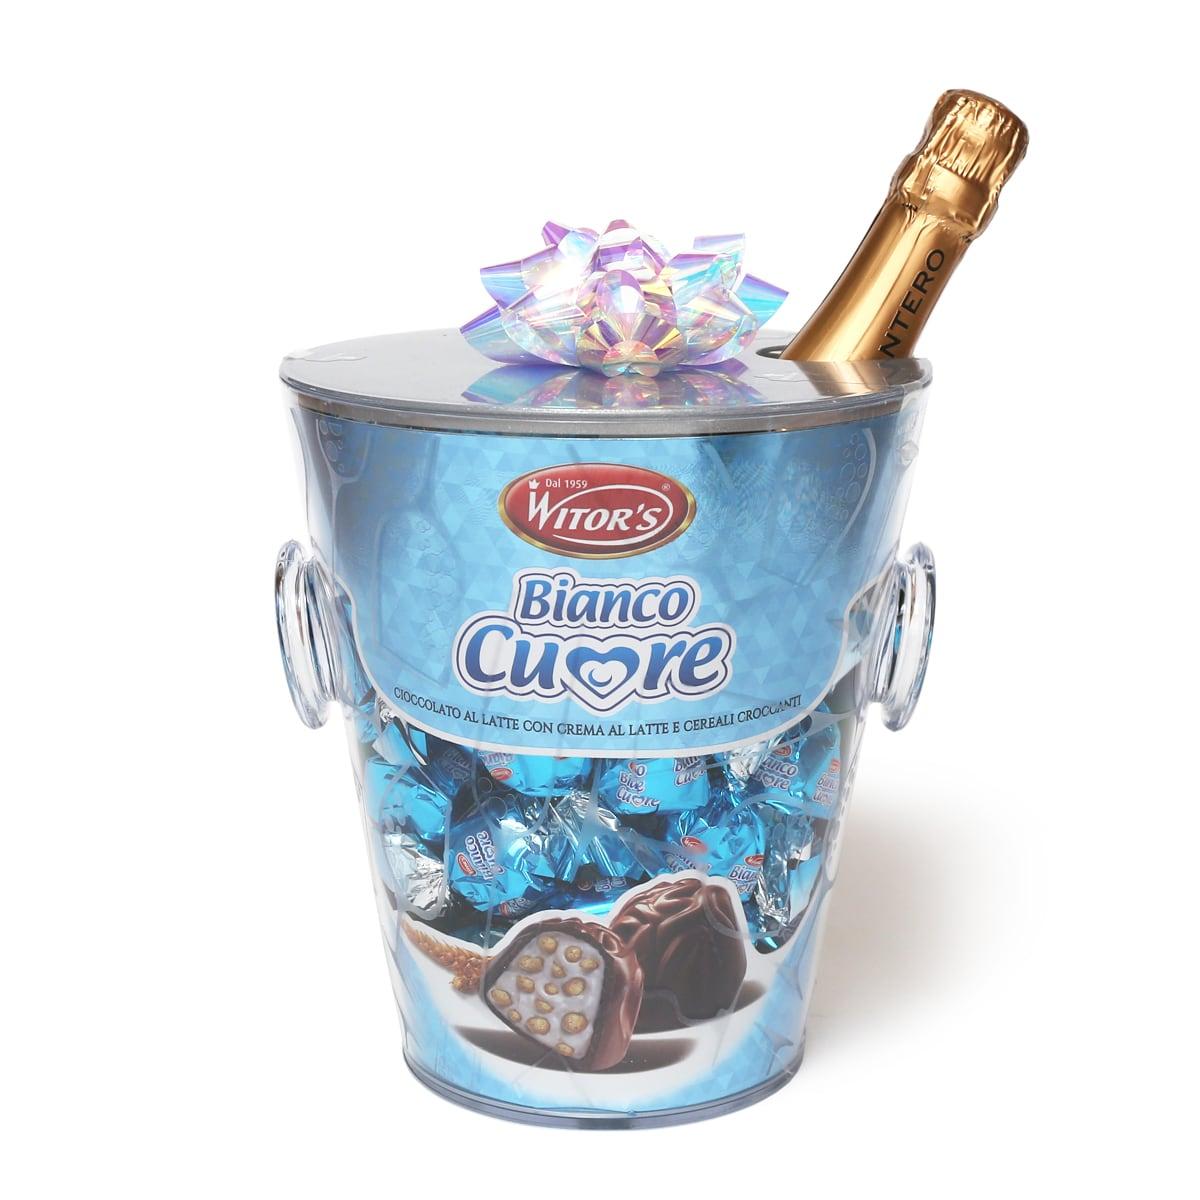 ウィダーズ バケット(チョコレート&スパークリングワイン)